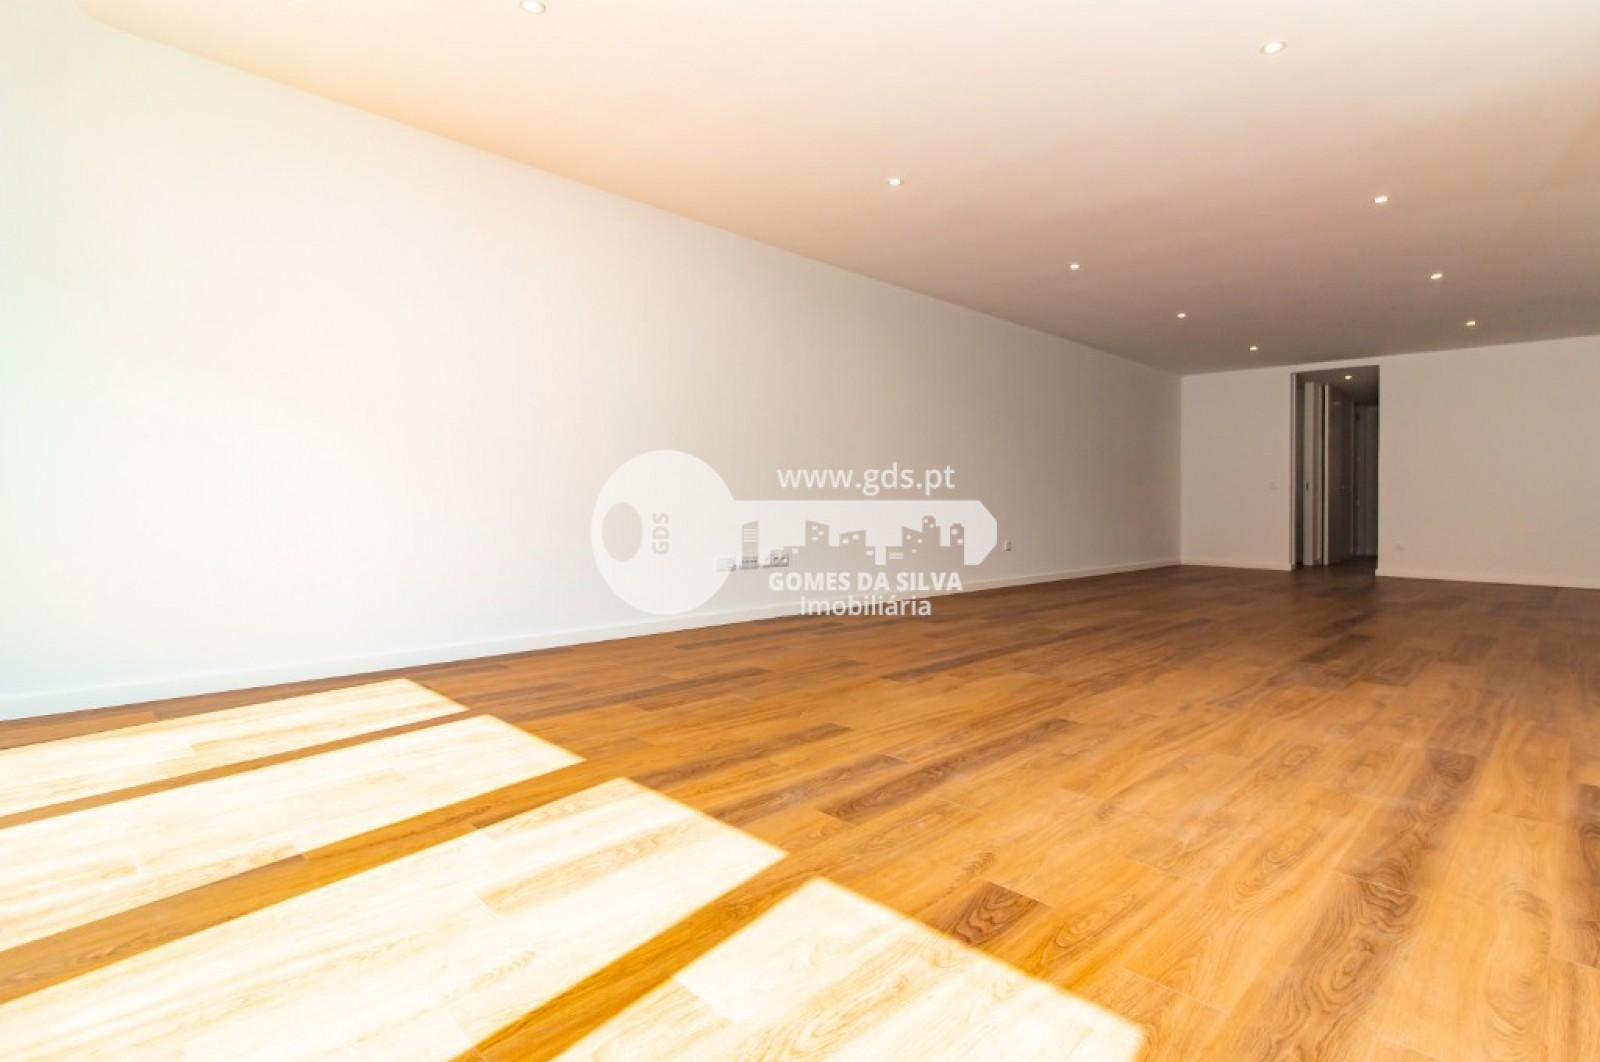 Apartamento T3 para Venda em São Vicente, Braga, Braga - Imagem 34